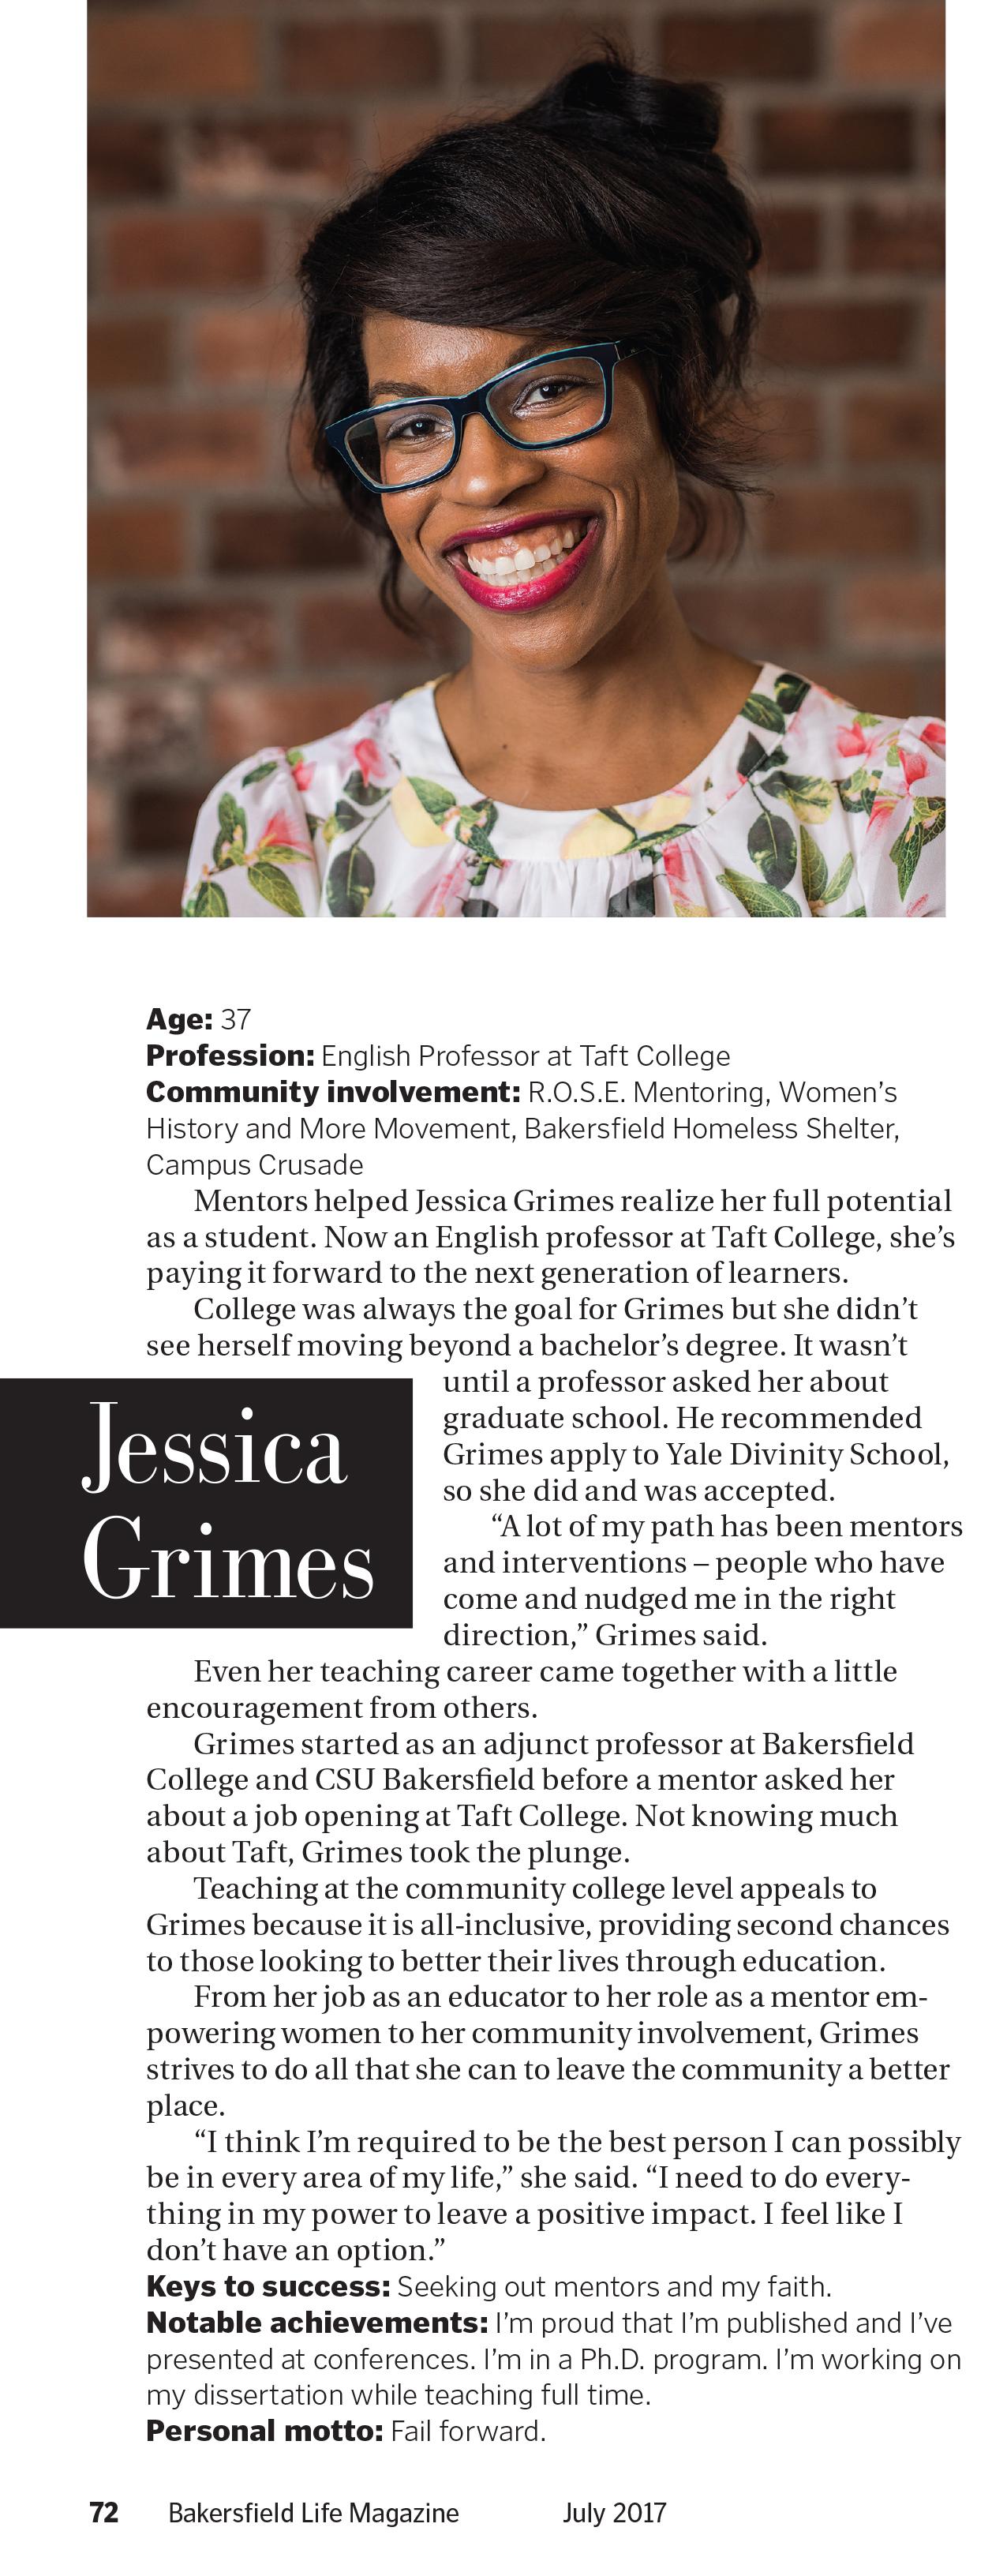 Jessica Grimes